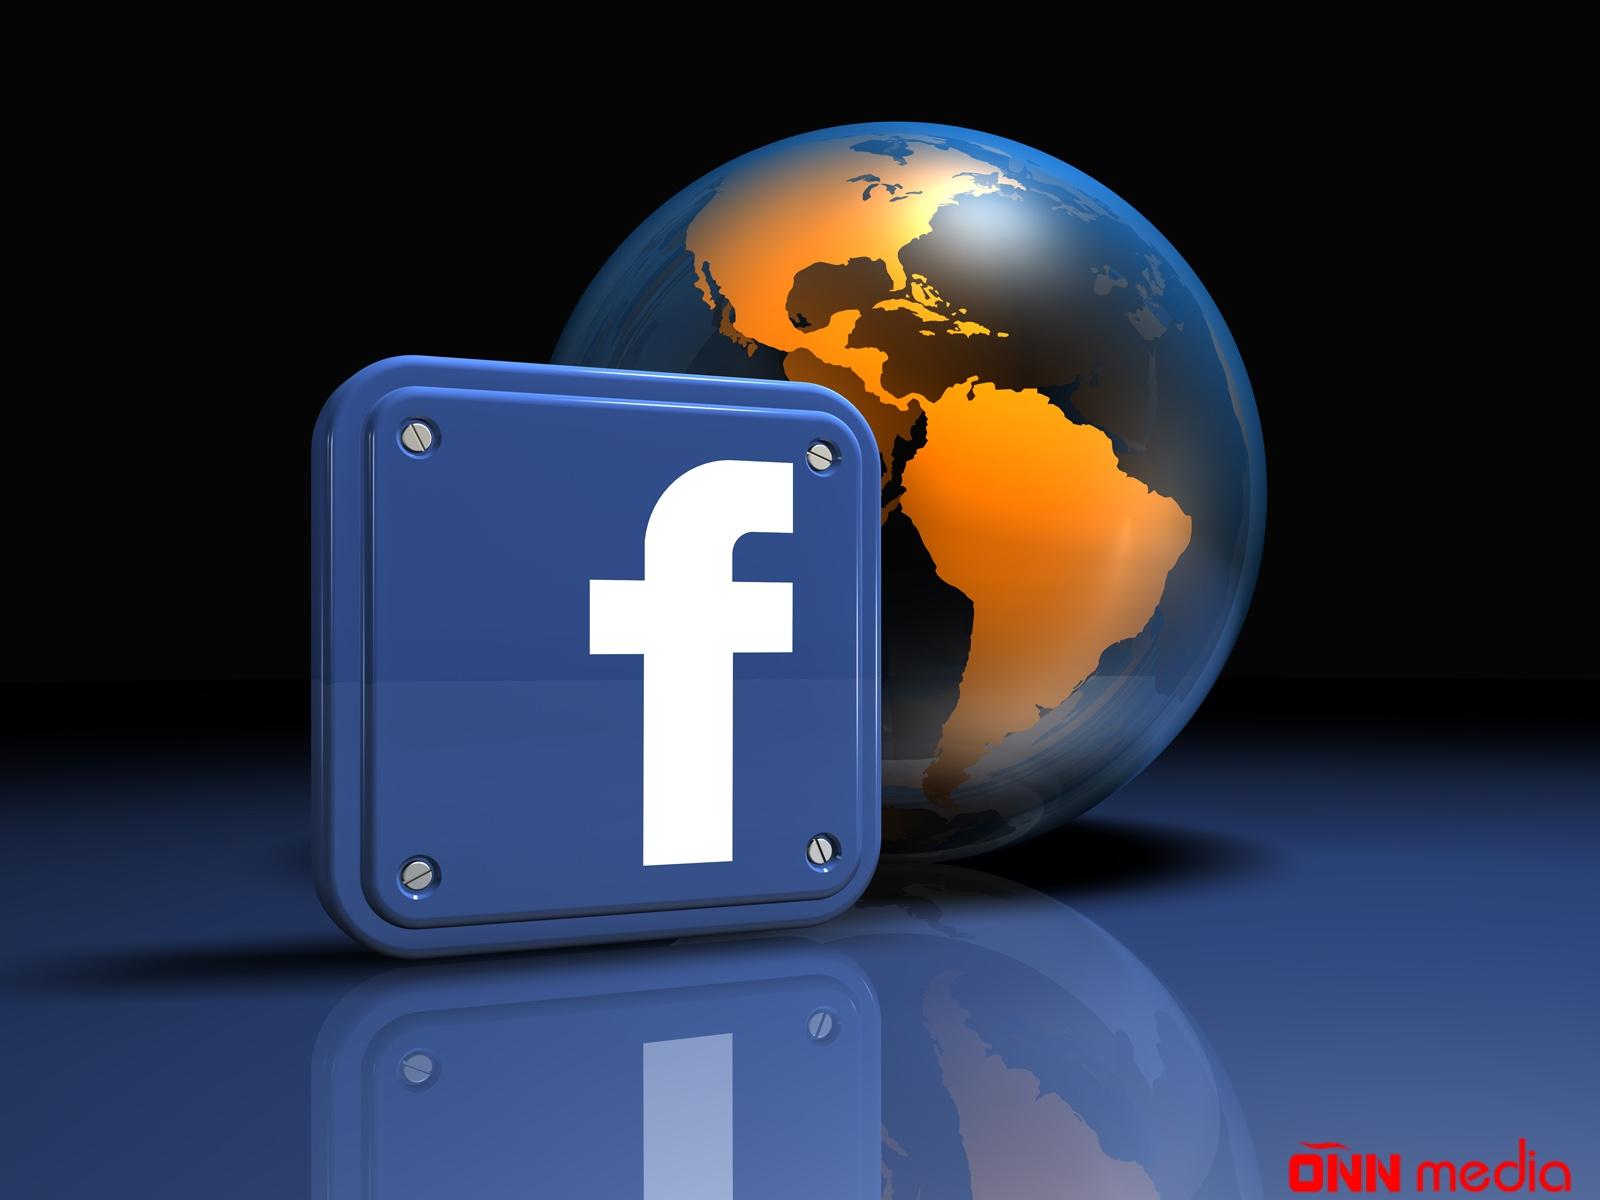 """""""Facebook""""u 5 milyard dollar məbləğində cərimələdilər – Texnologiya tarixinə DÜŞDÜ"""